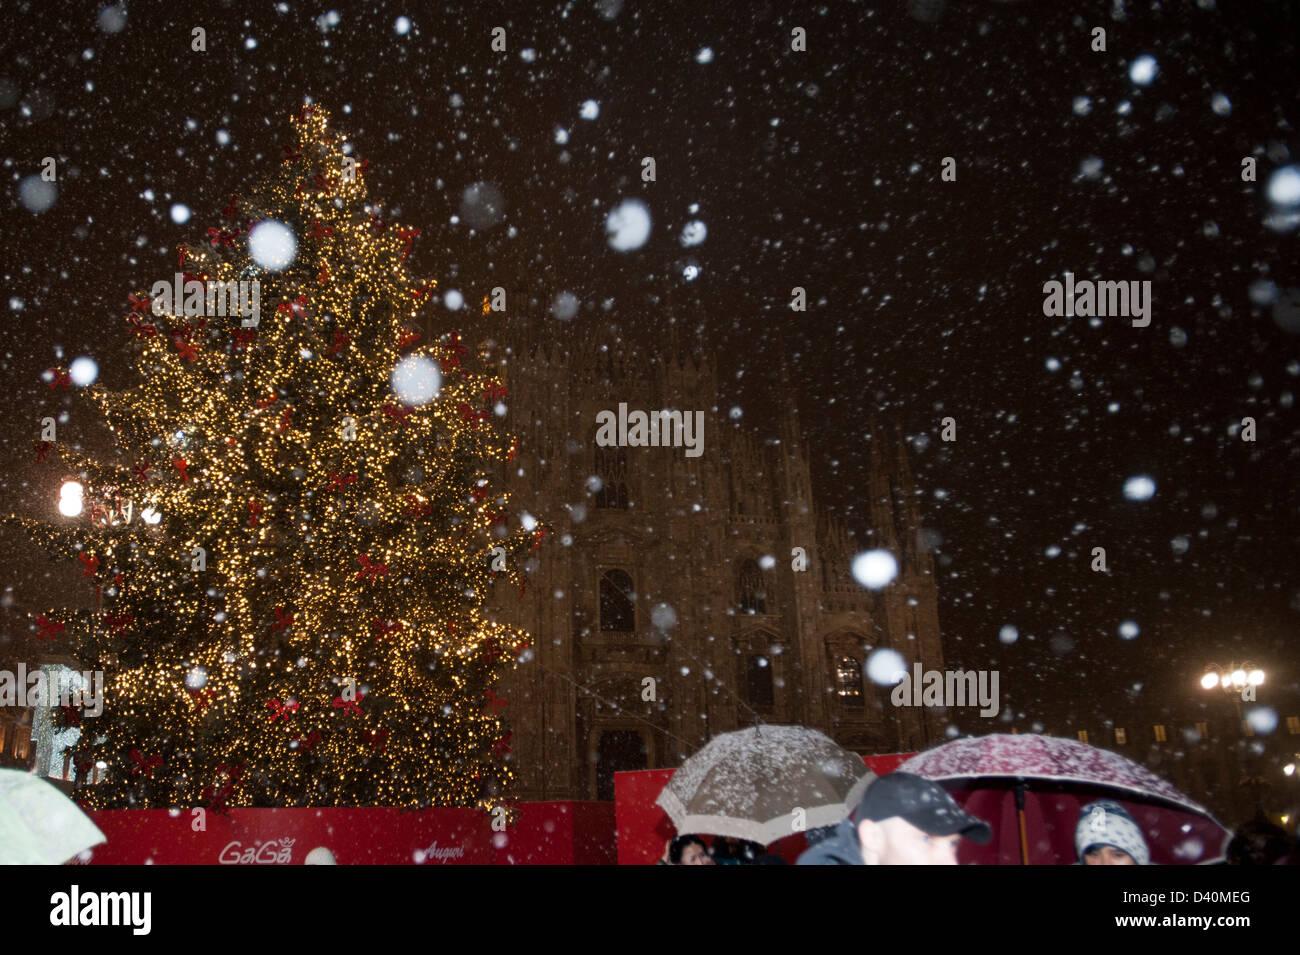 Bühne Chrismas Tree und Dom-Kirche mit Schnee in der Weihnachtszeit am Stadtplatz in Mailand, Italien Stockfoto